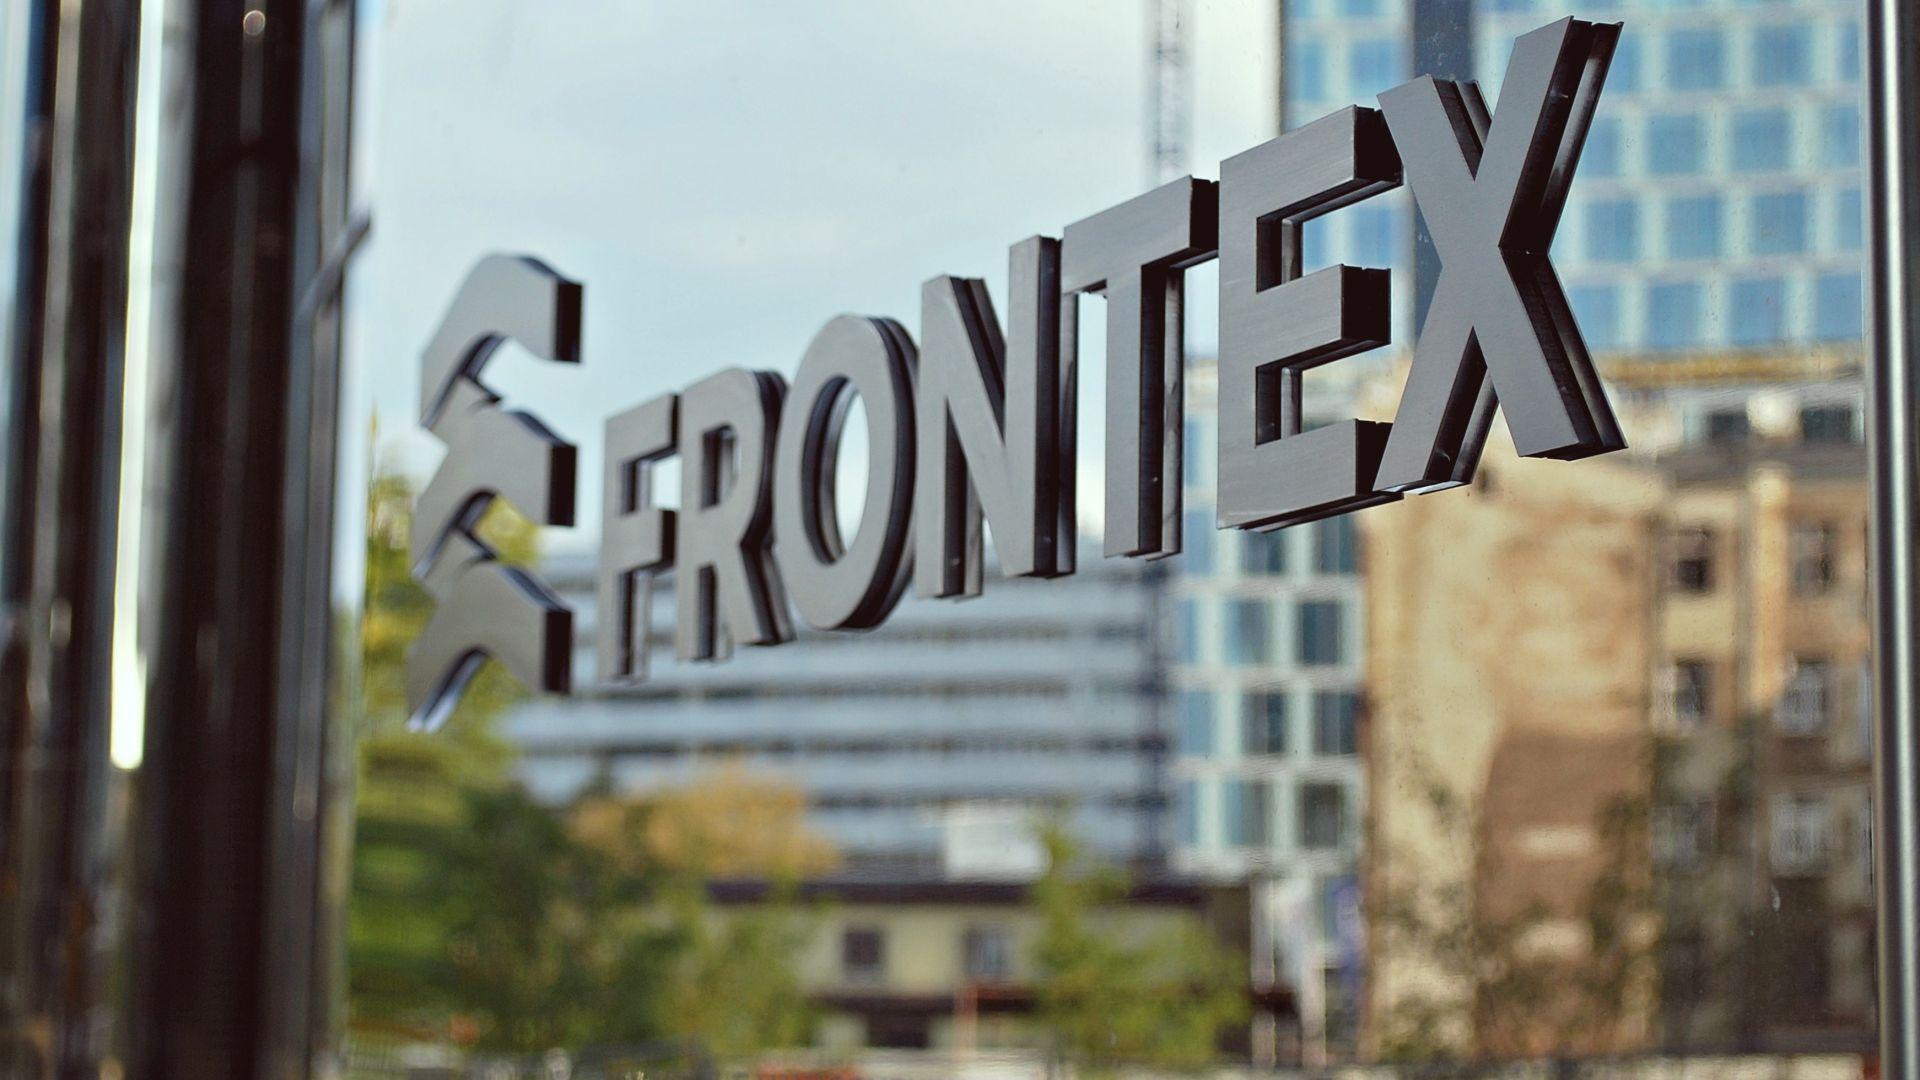 Фронтекс набира гранични служители за първата униформена служба на ЕС